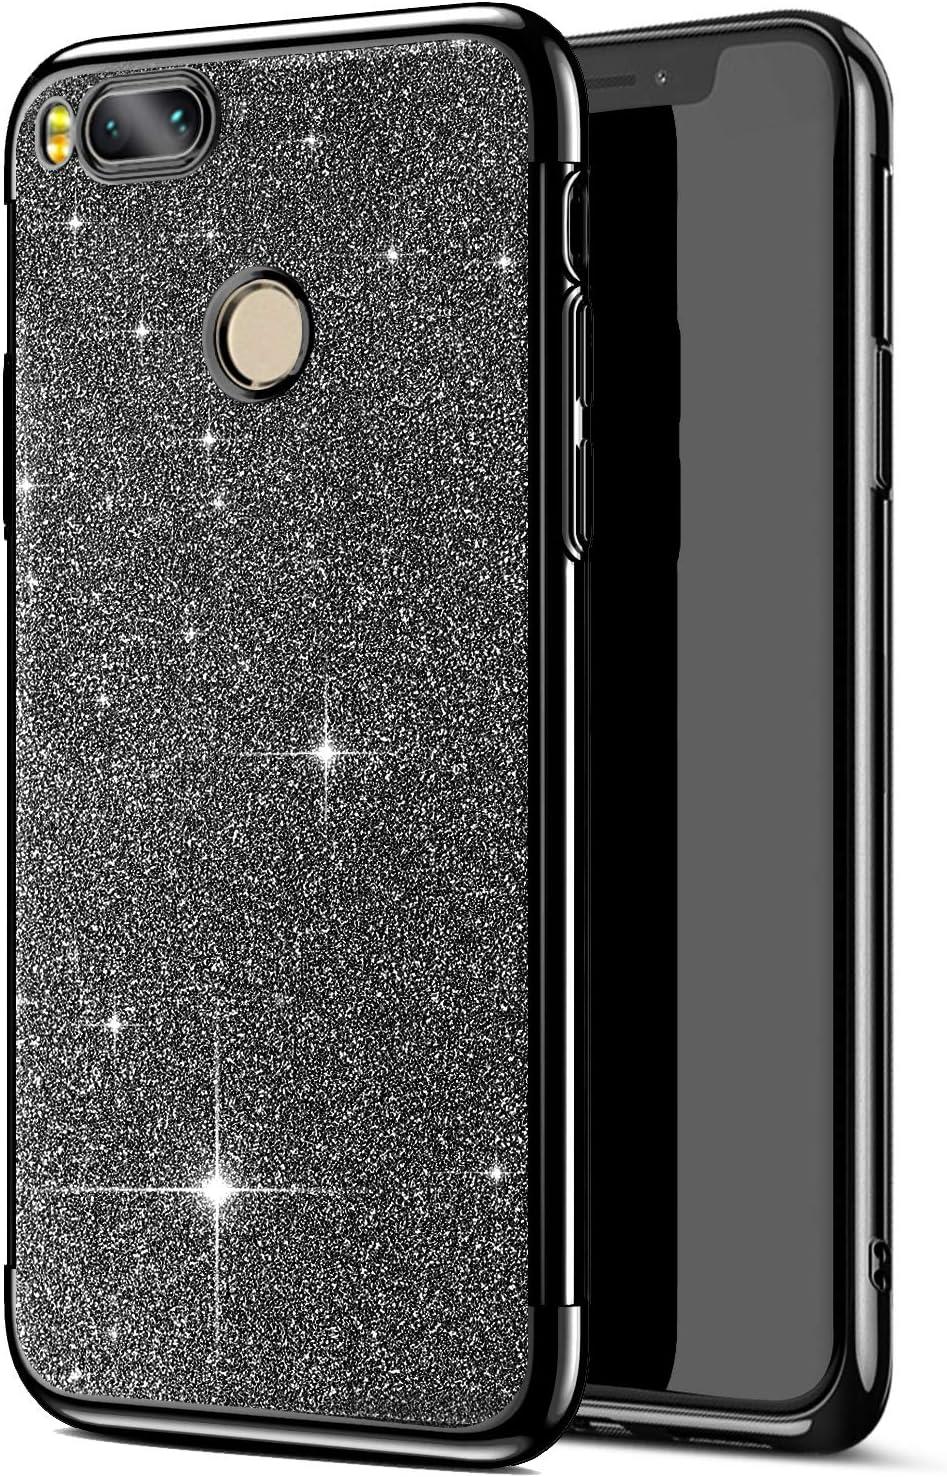 Jinghuash Kompatibel mit Xiaomi 5X//A1 H/ülle,Bling Gl/änzend Glitzer Handyh/ülle Transparent Ultra D/ünn Weich TPU Silikon Bumper Case Schutzh/ülle Handytasche-Rotgold